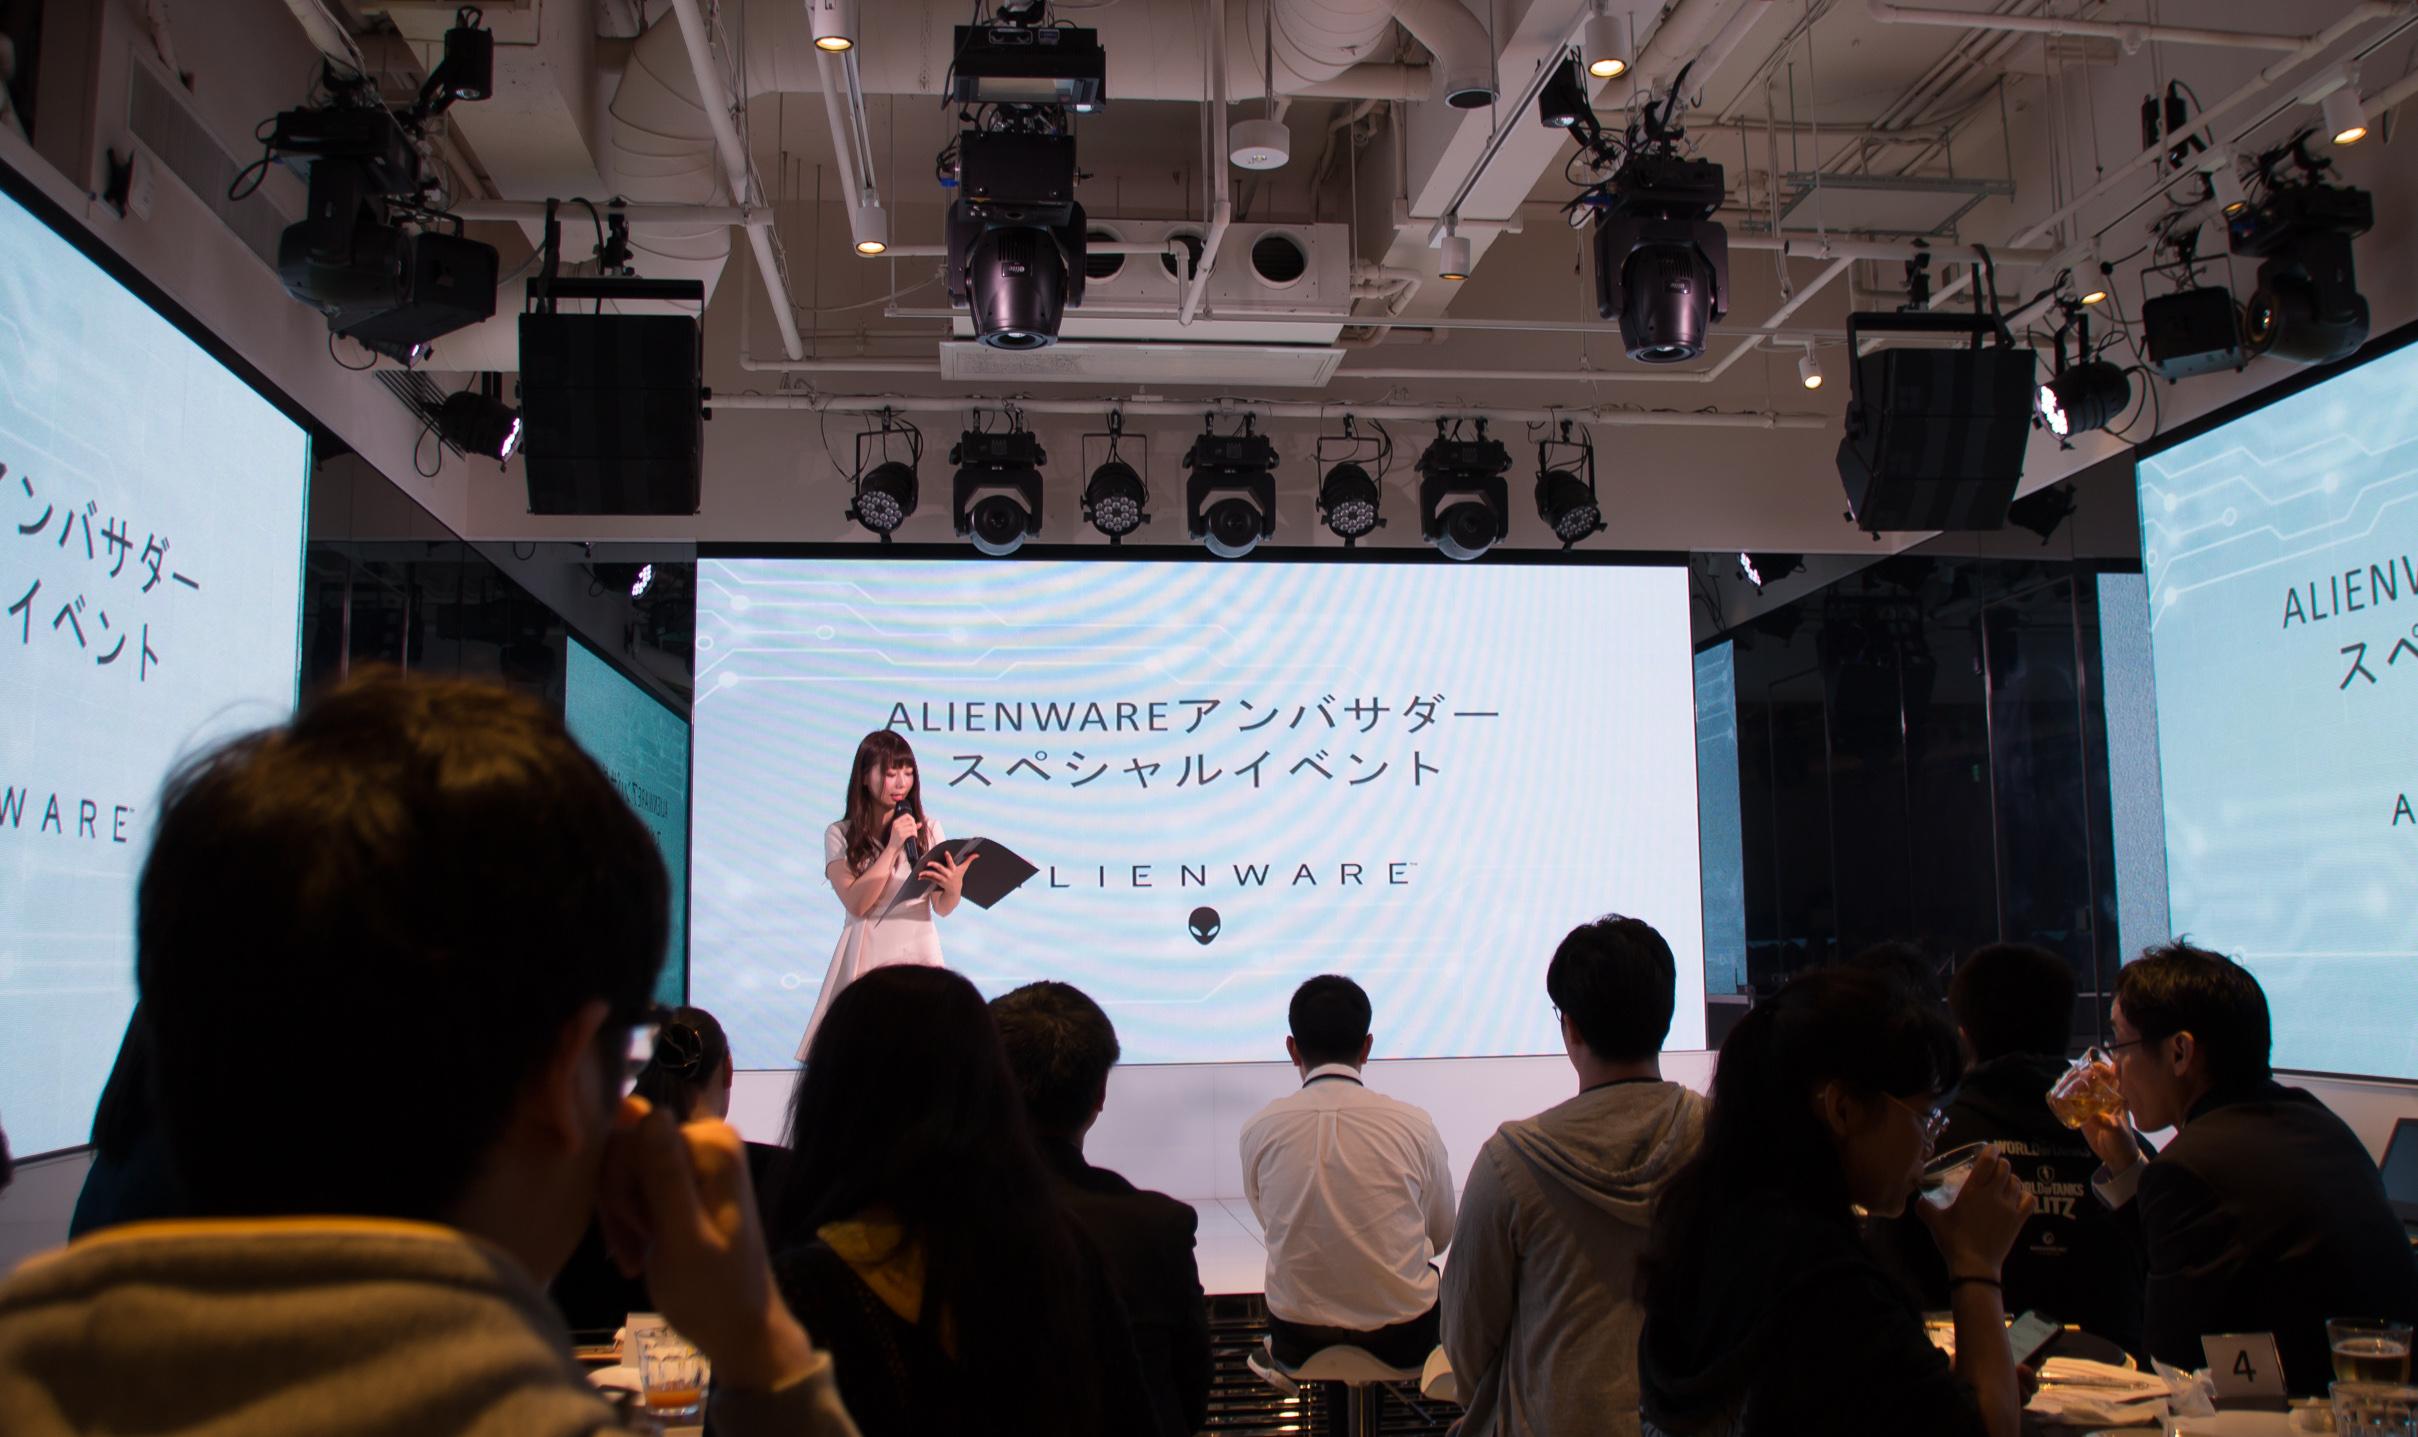 最新ゲーミングPCをタッチ&トライ。ALIENWAREアンバサダー スペシャルイベントに参加してきました